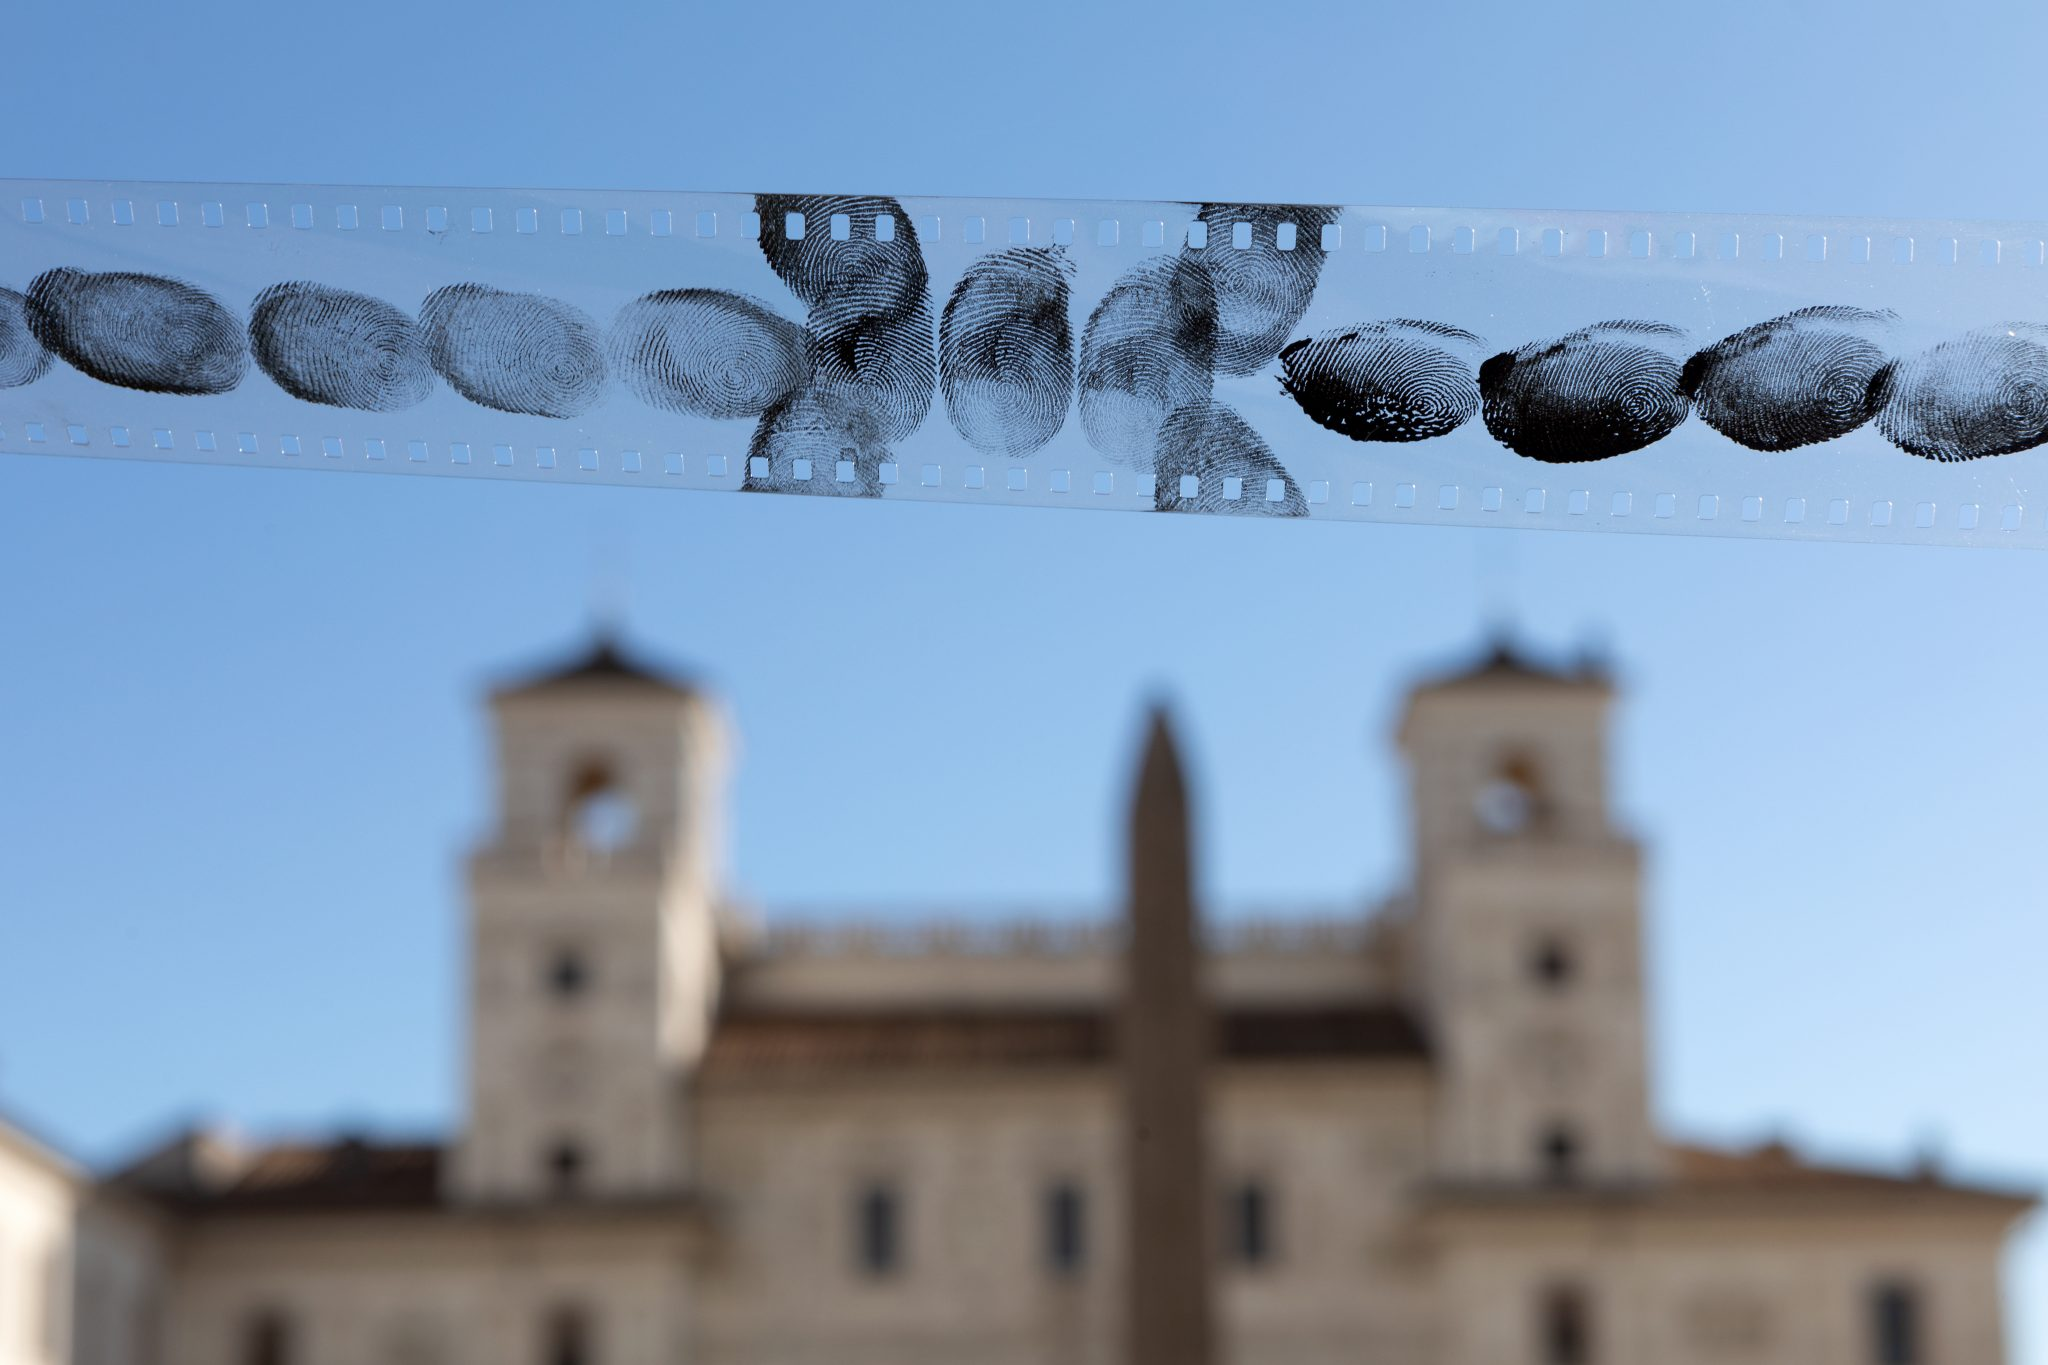 Villa Medici: l'estate 2021 con tre esposizioni in contemporanea